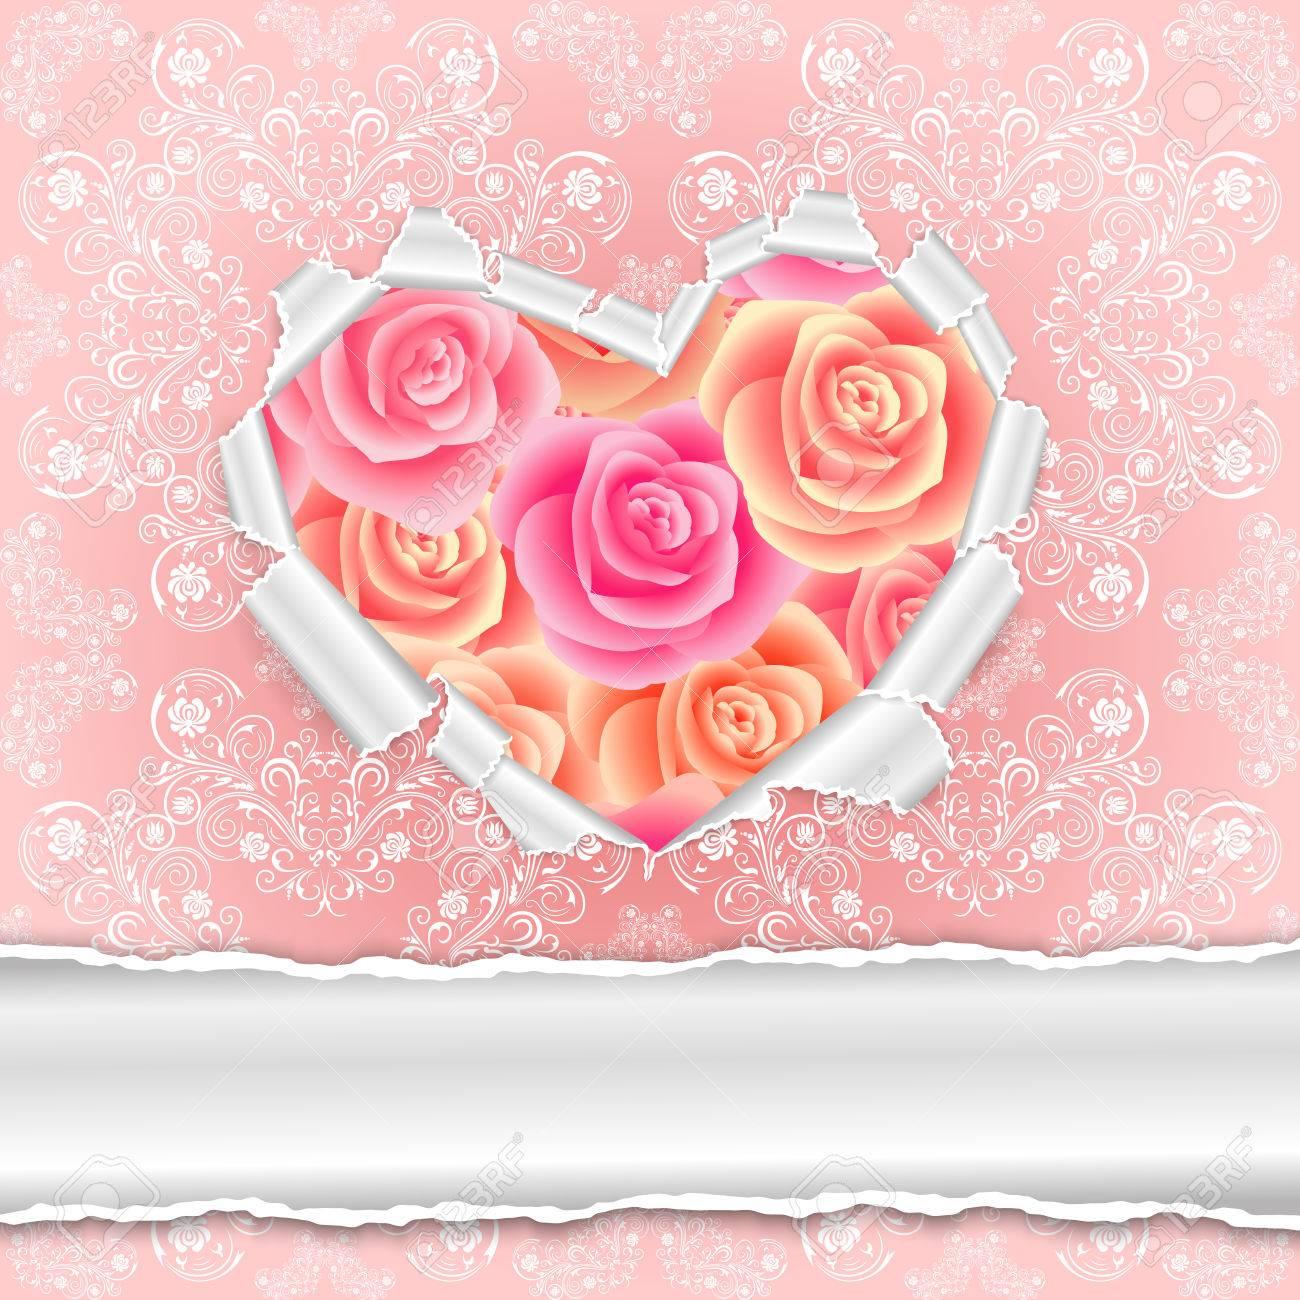 Illustration Der Vorlage Für Hochzeit, Gruß, Einladung Oder  Valentinstag Karte Mit Zerrissenem Papier